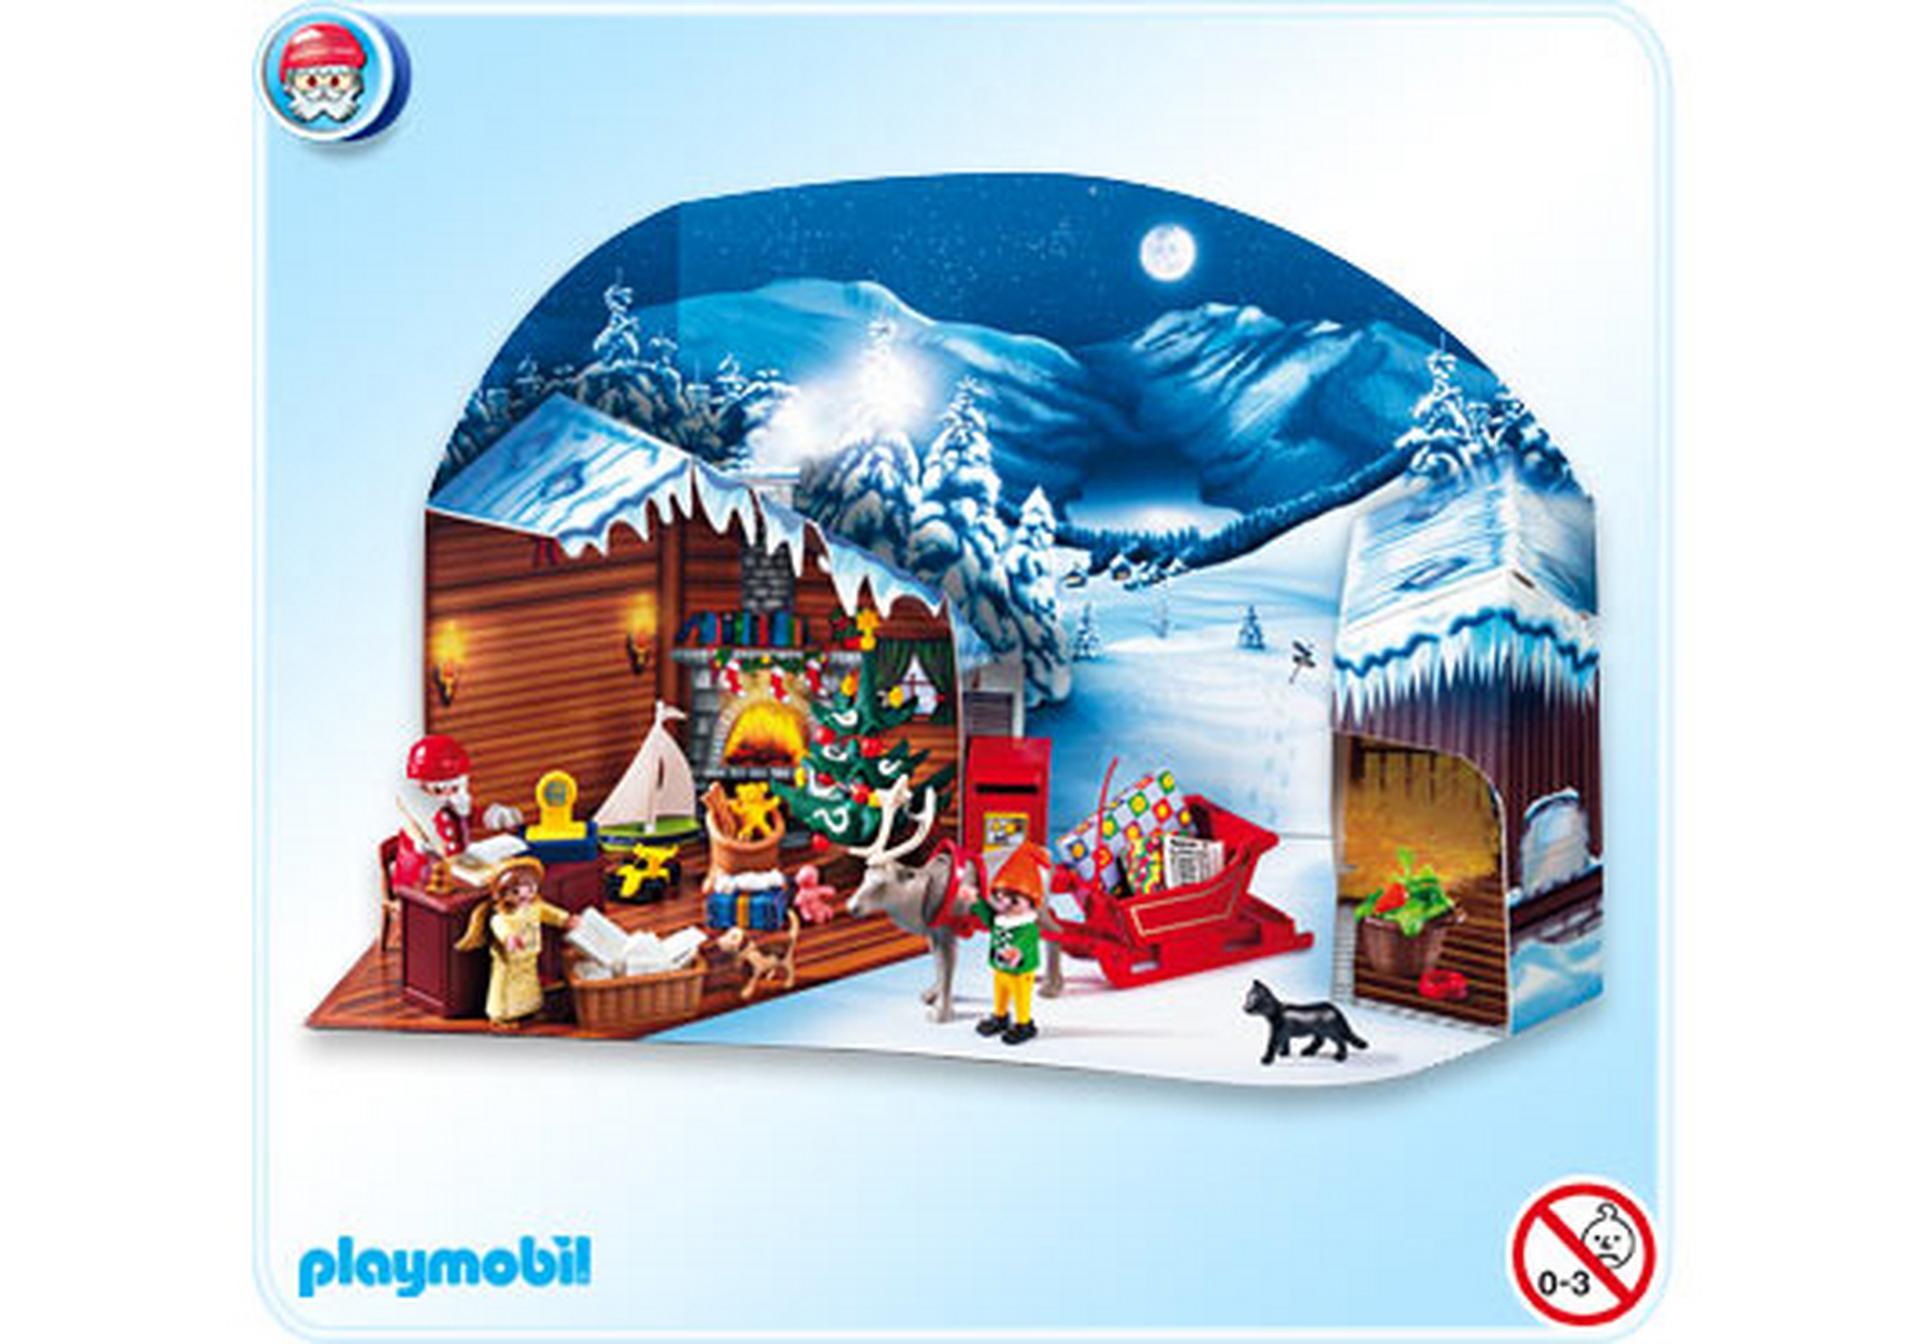 adventskalender weihnachts postamt 4161 a playmobil. Black Bedroom Furniture Sets. Home Design Ideas